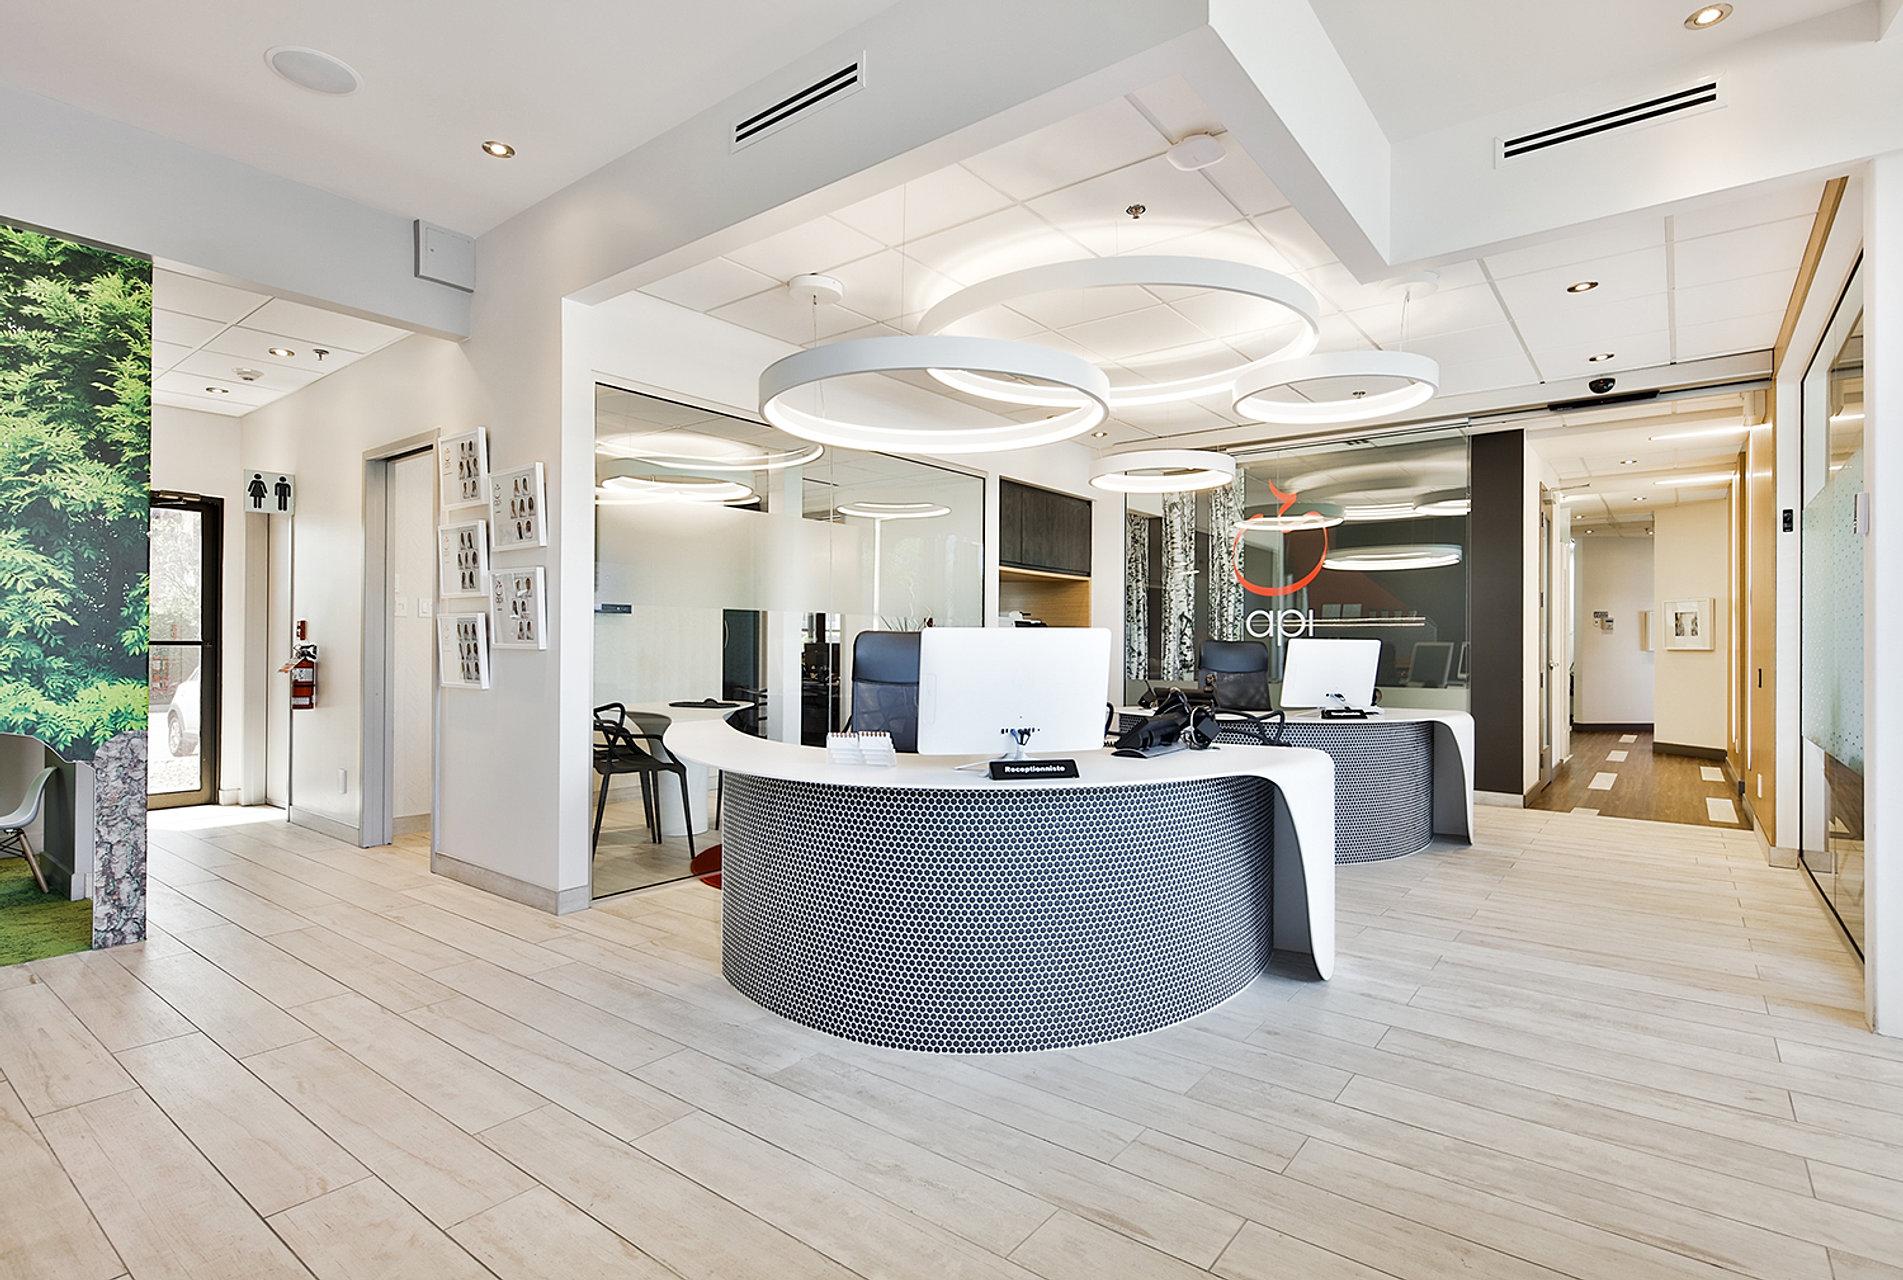 100+ [ Interieur Concept Com ] | Interior Concept For Eyefashion ...